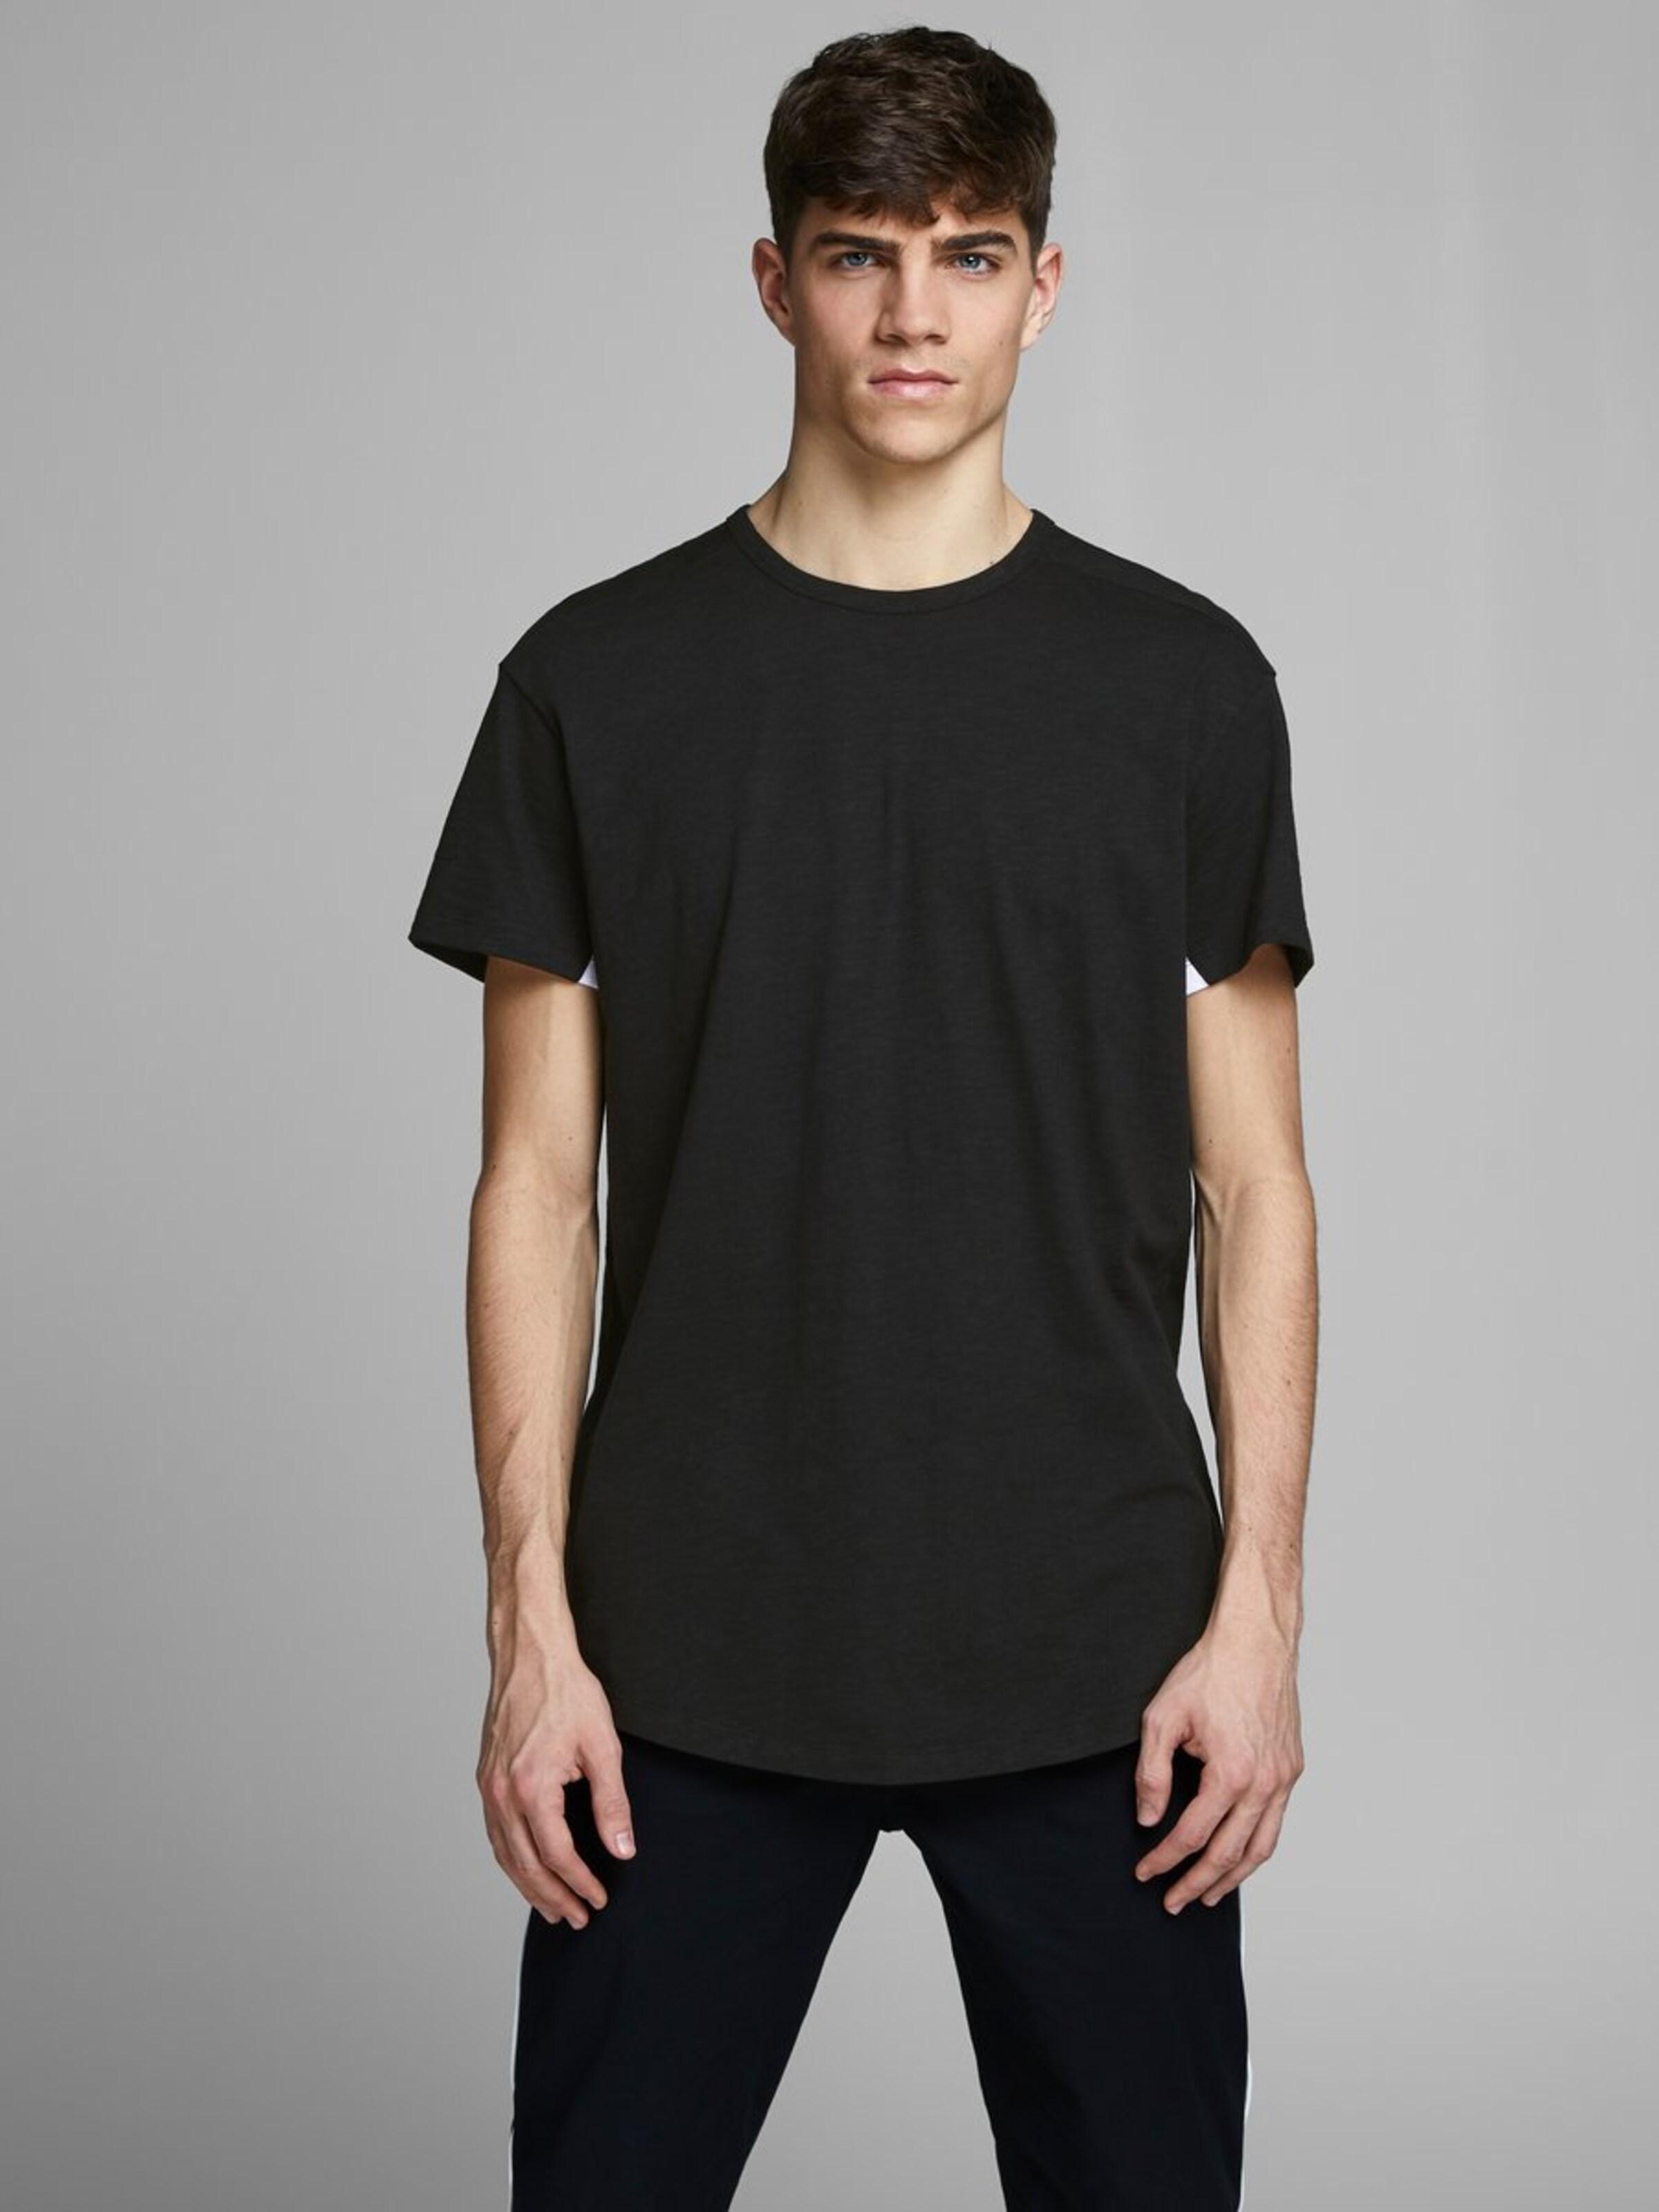 shirt Schwarz Jones In T Jackamp; TwOkuiPXZ